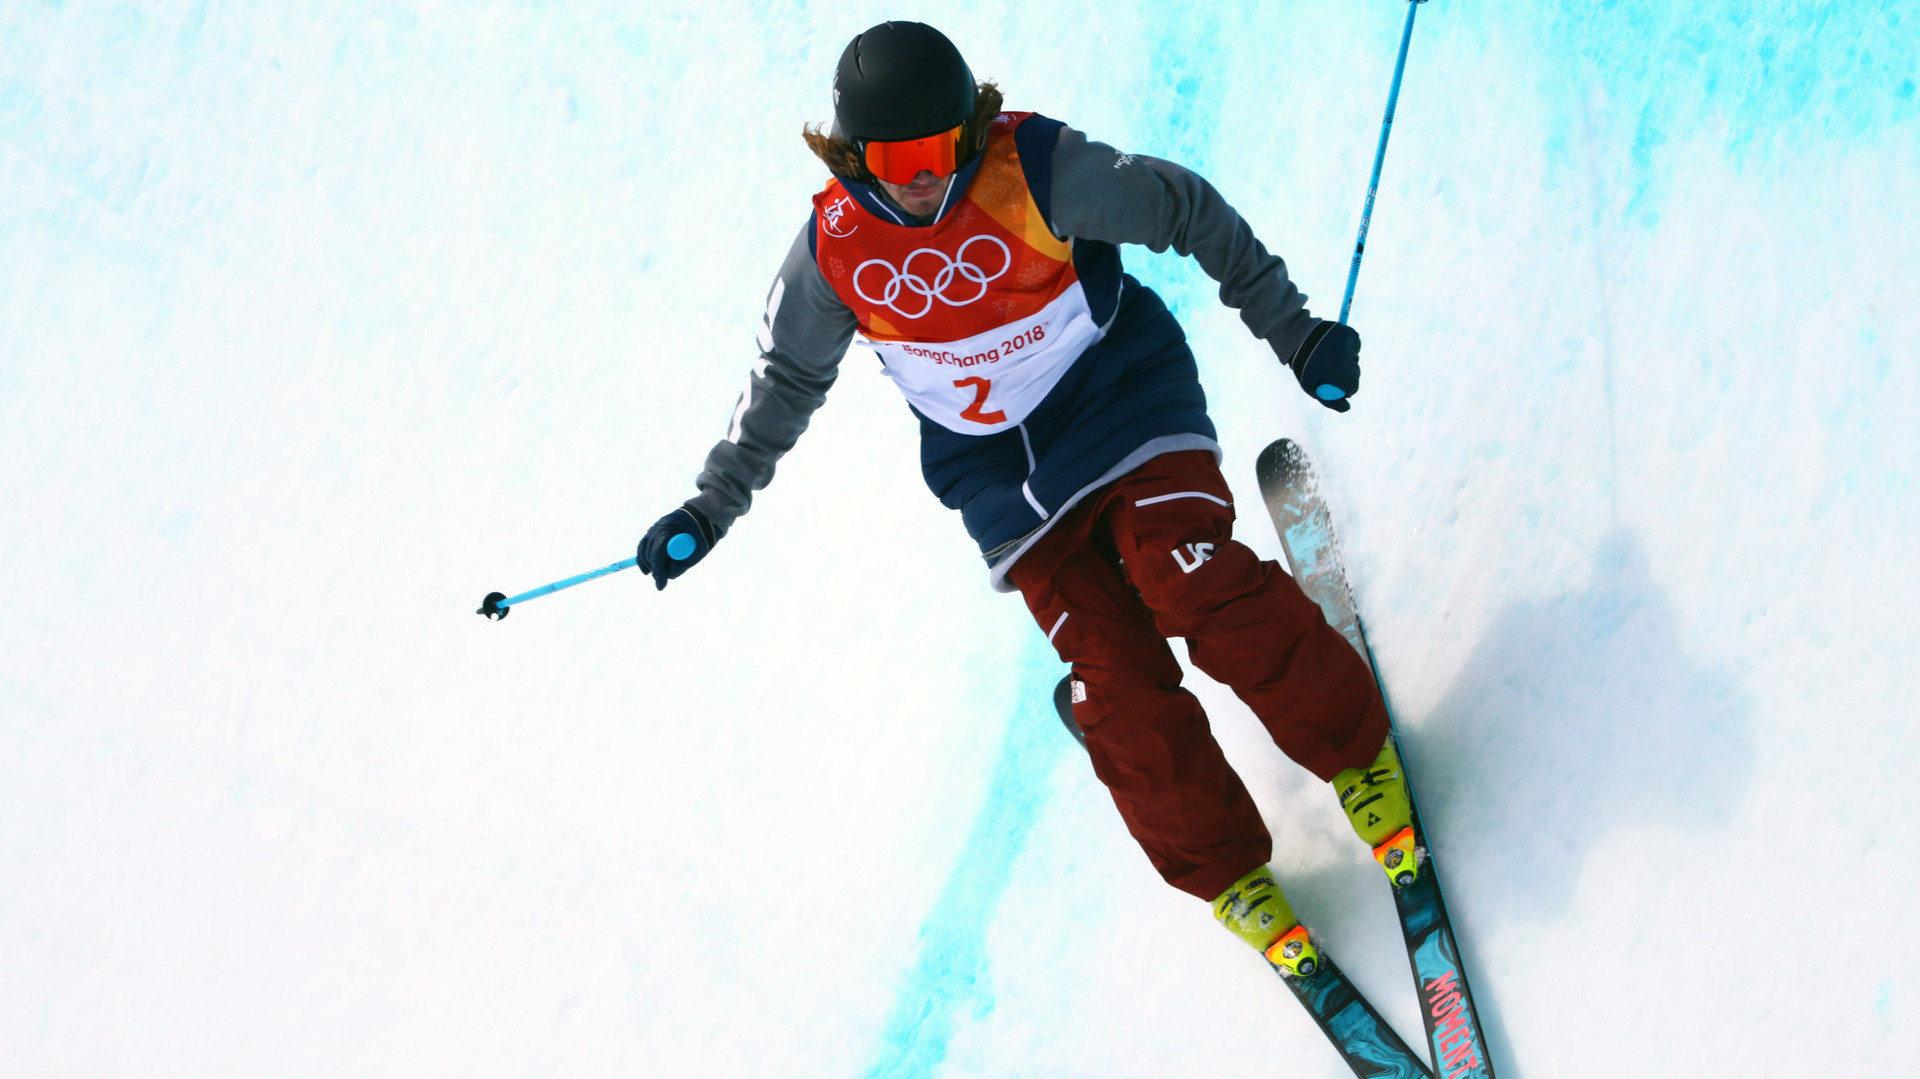 2016冬奥会自由式滑雪 图片合集